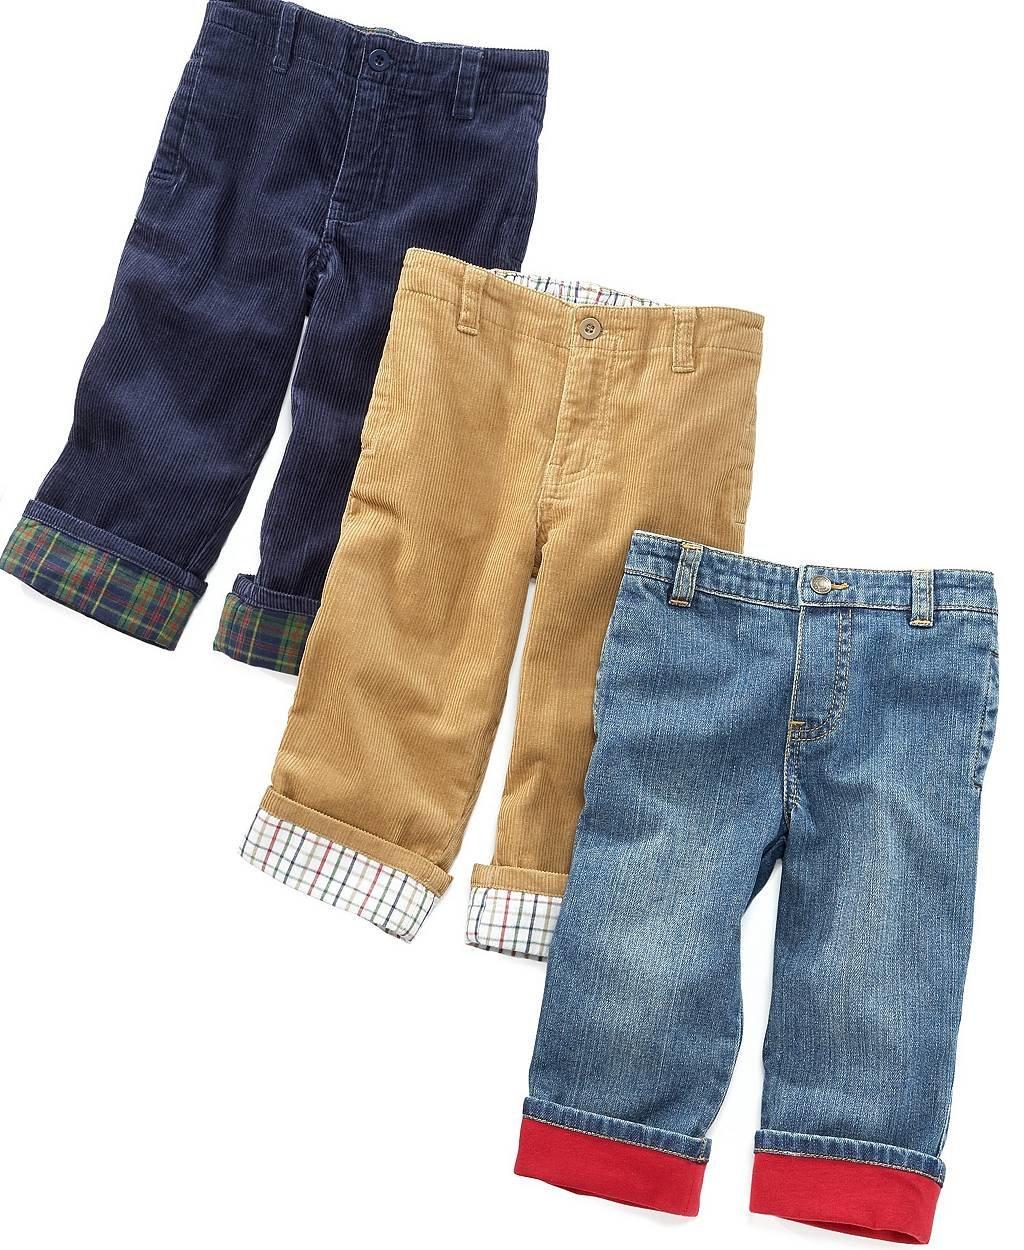 Как удлинить джинсы - 3 способа 4